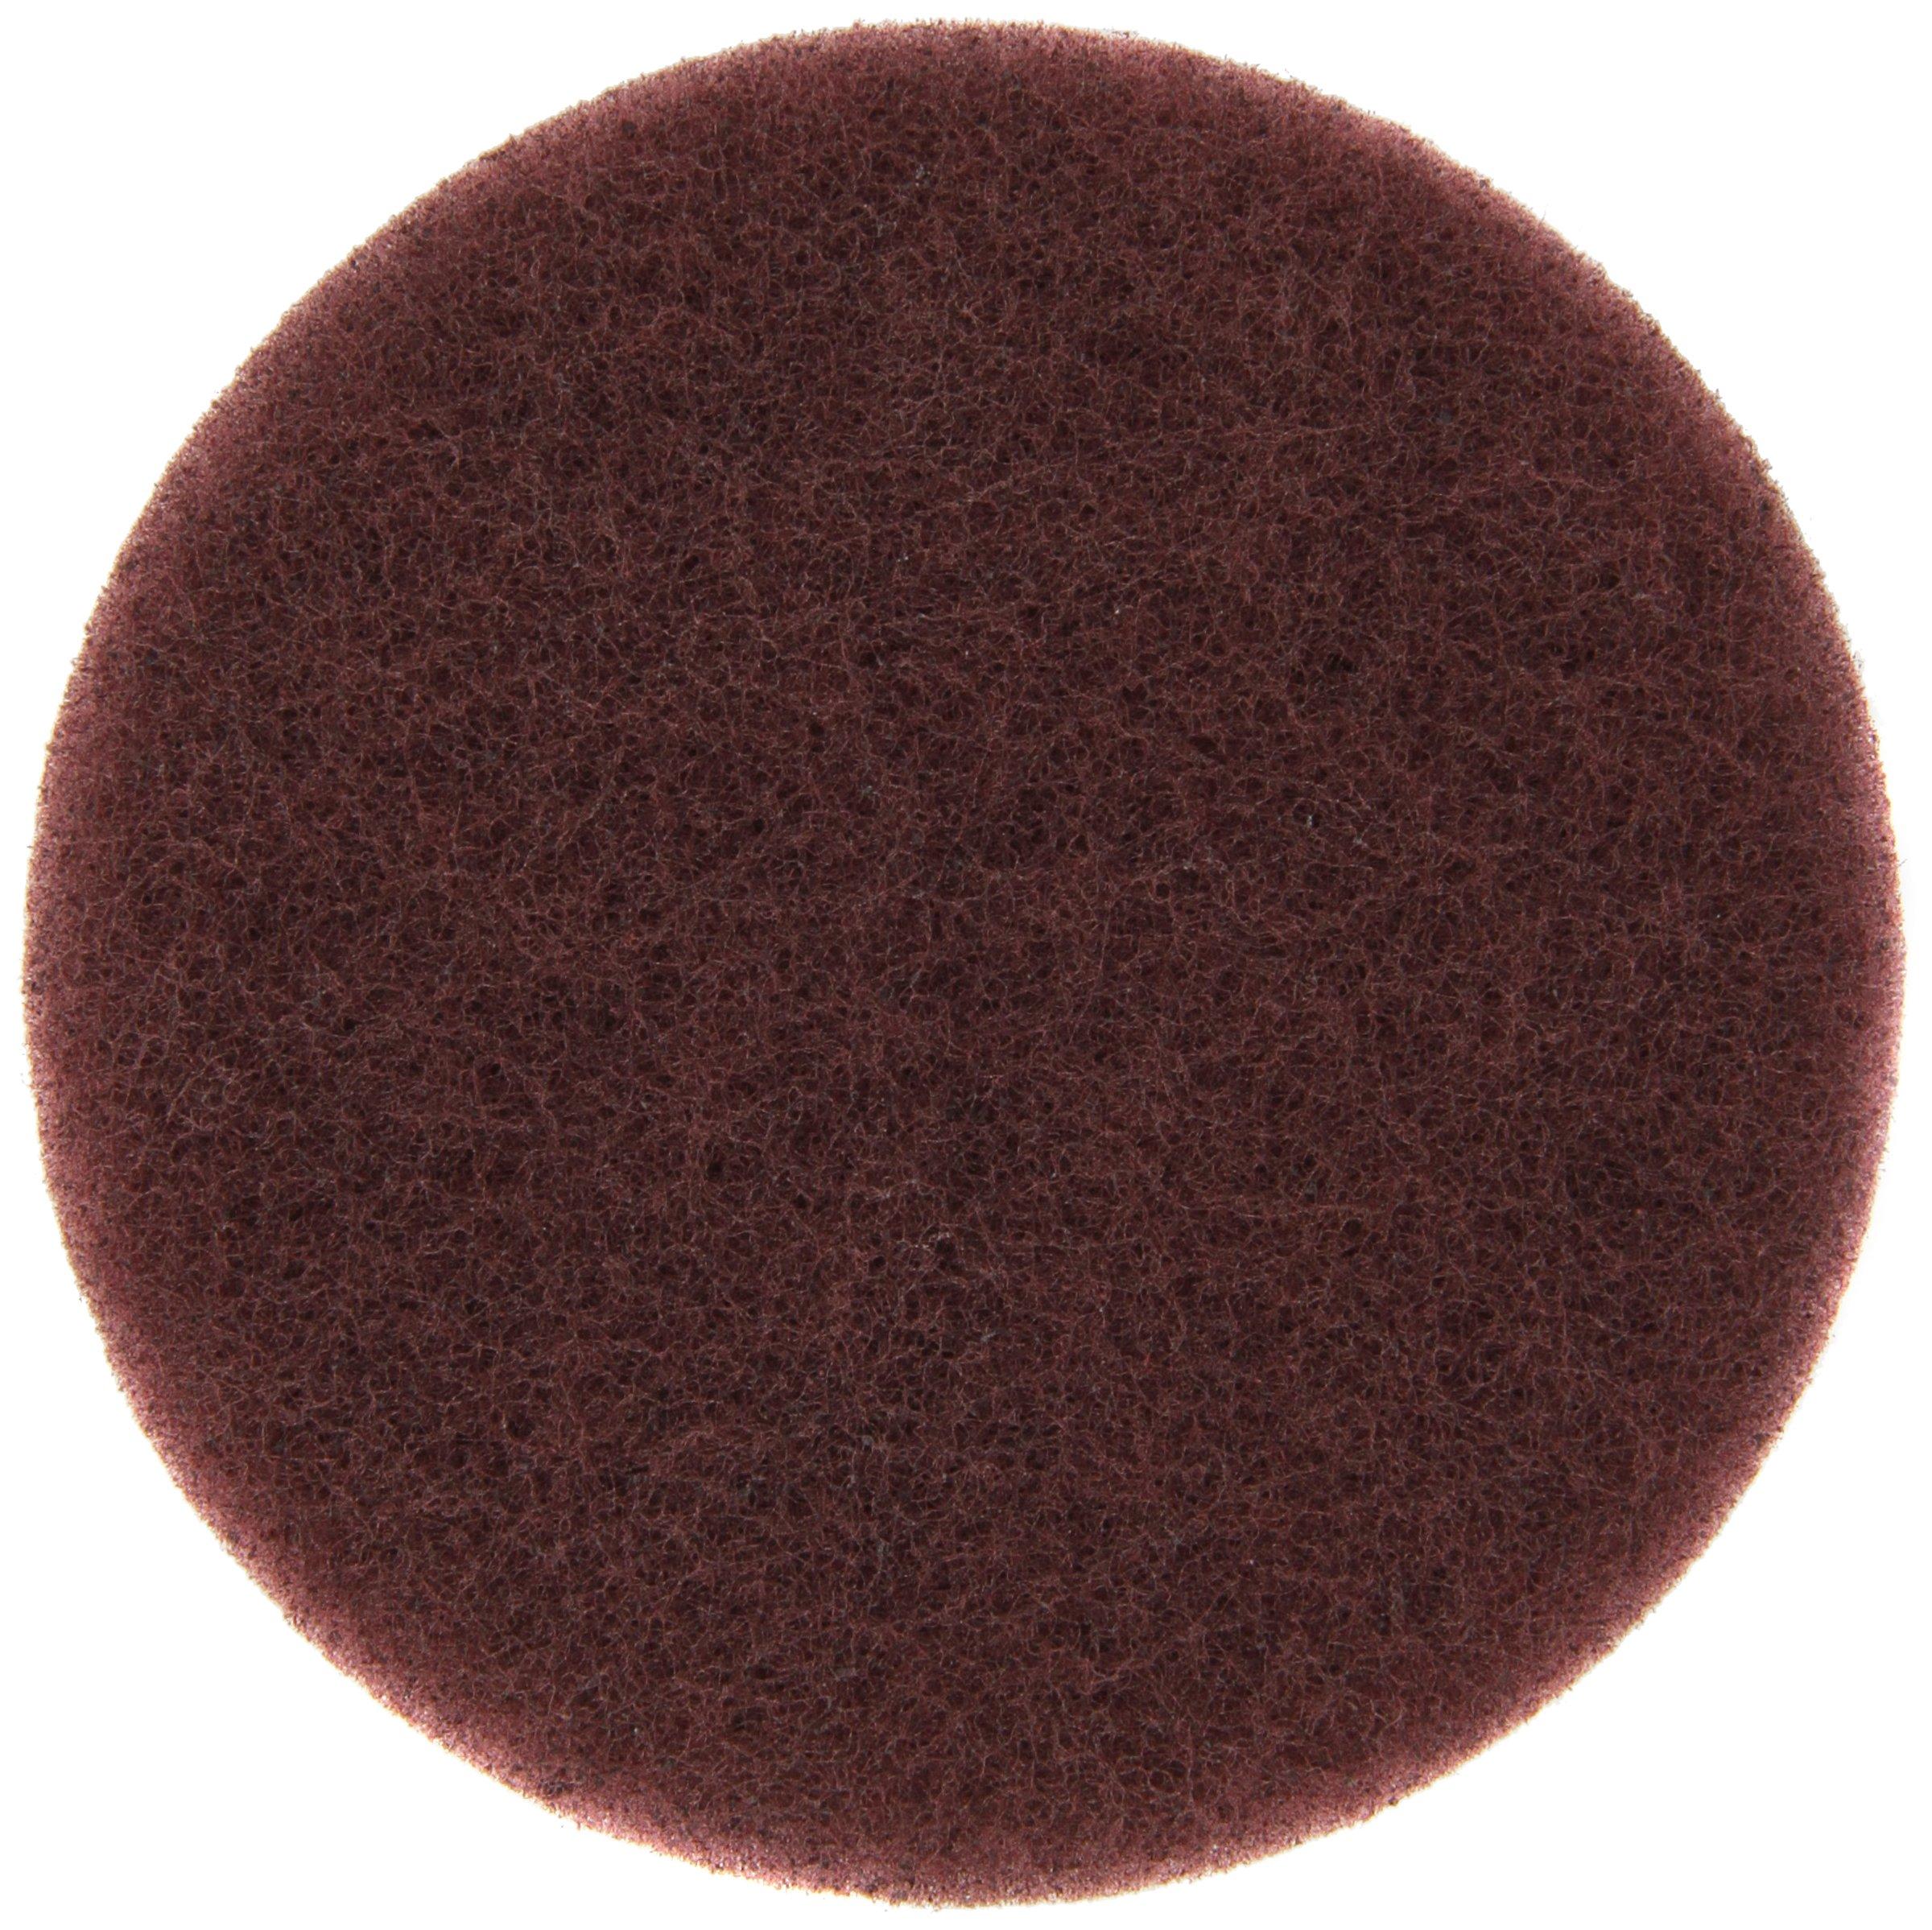 Scotch-Brite(TM) Clean and Finish Disc, Aluminum Oxide, 5 Diameter, A Very Fine Grit (Pack of 100)